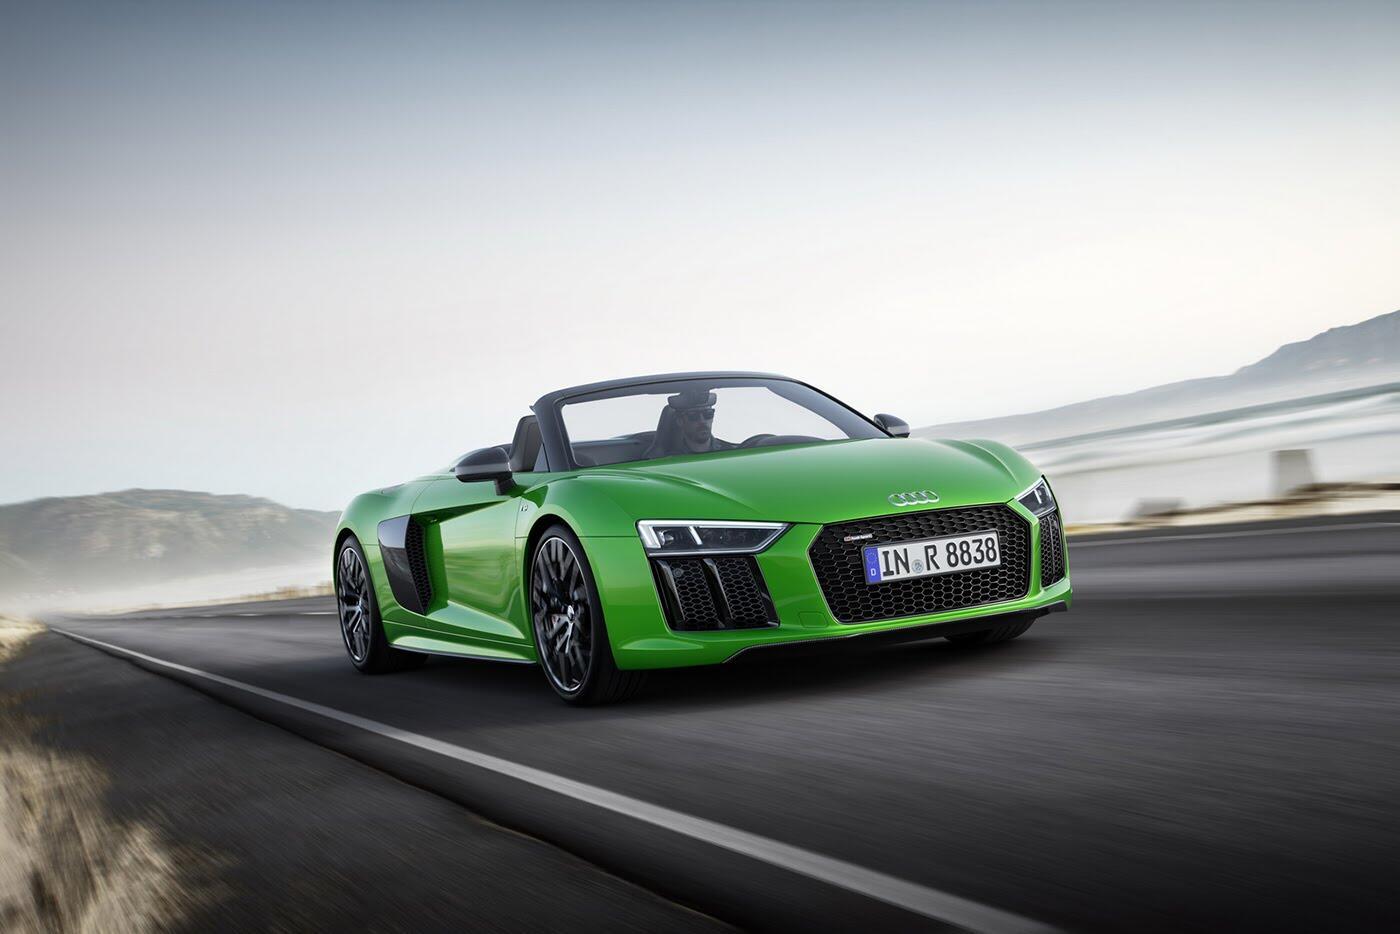 Audi R8 V10 Spyder Plus trình làng với sức mạnh 601 mã lực - Hình 2